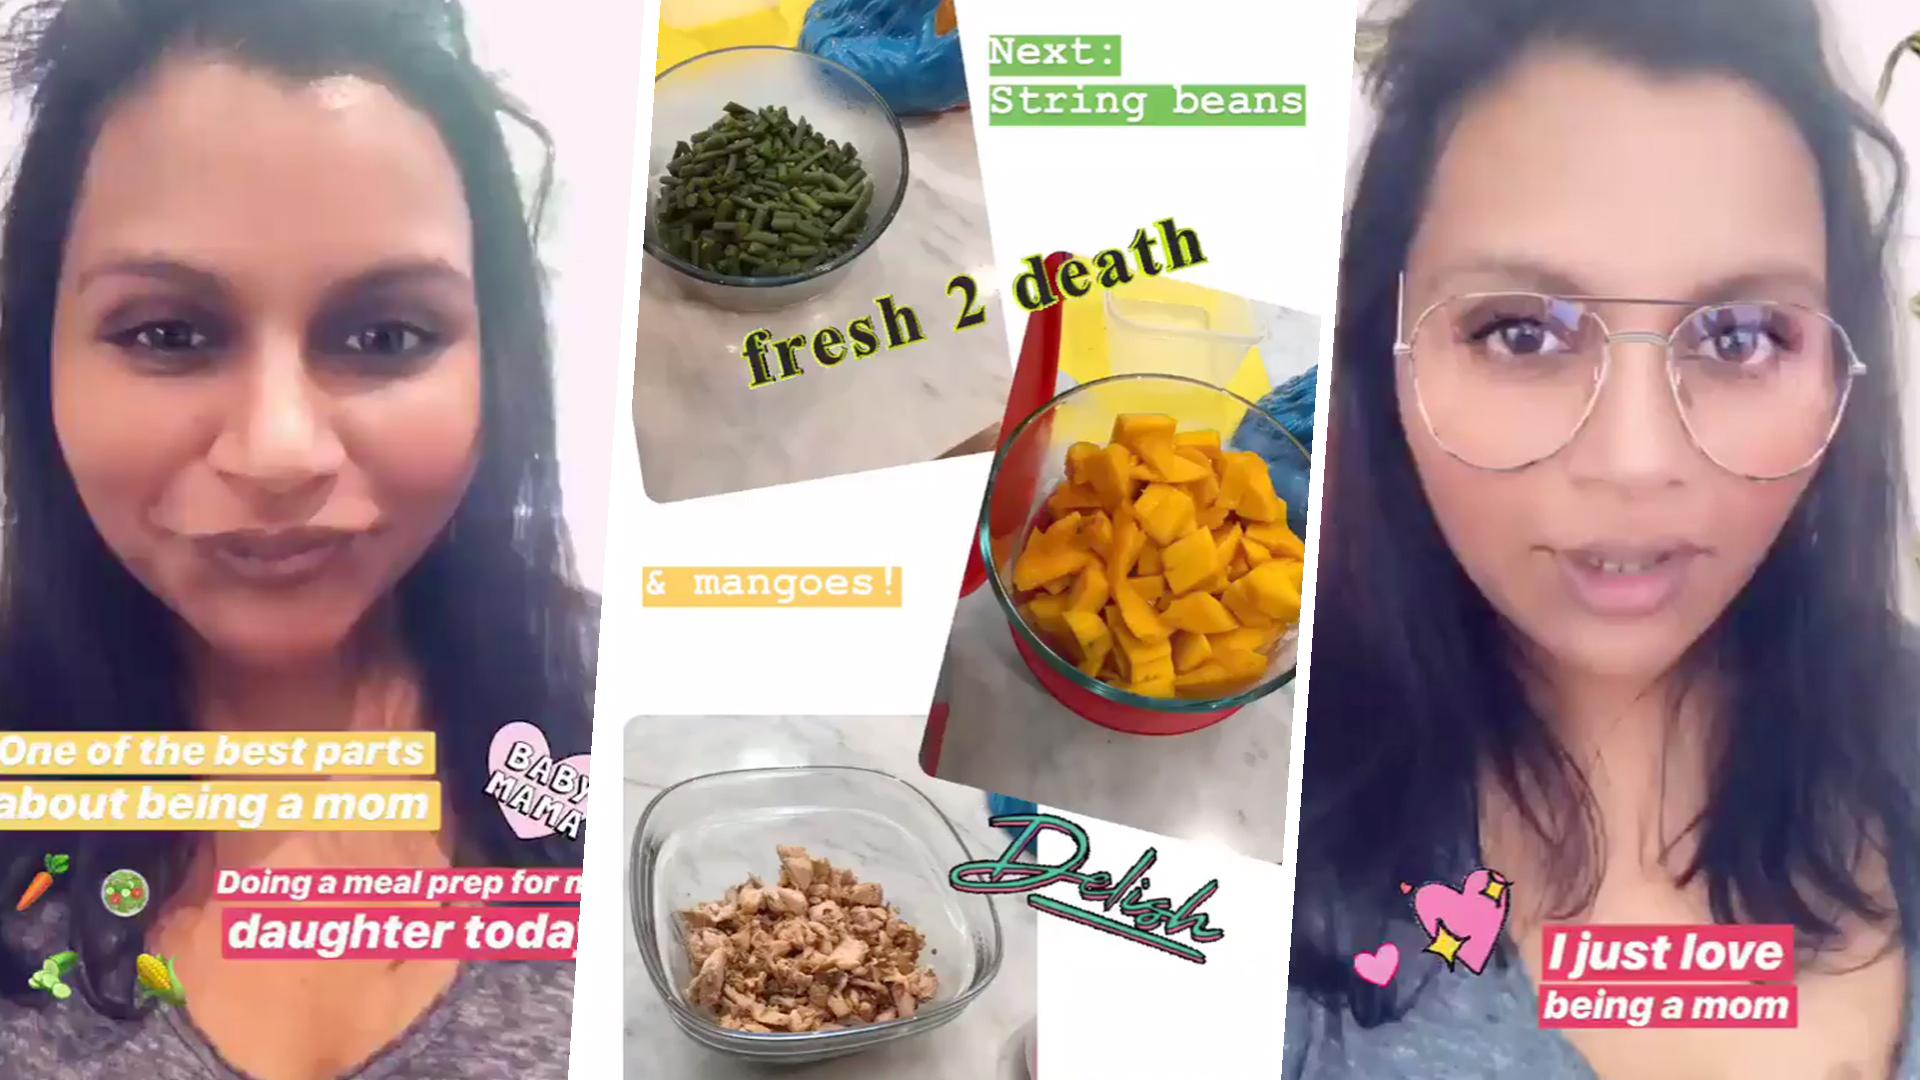 Mindy Kaling Enjoys Making Homemade Baby Food